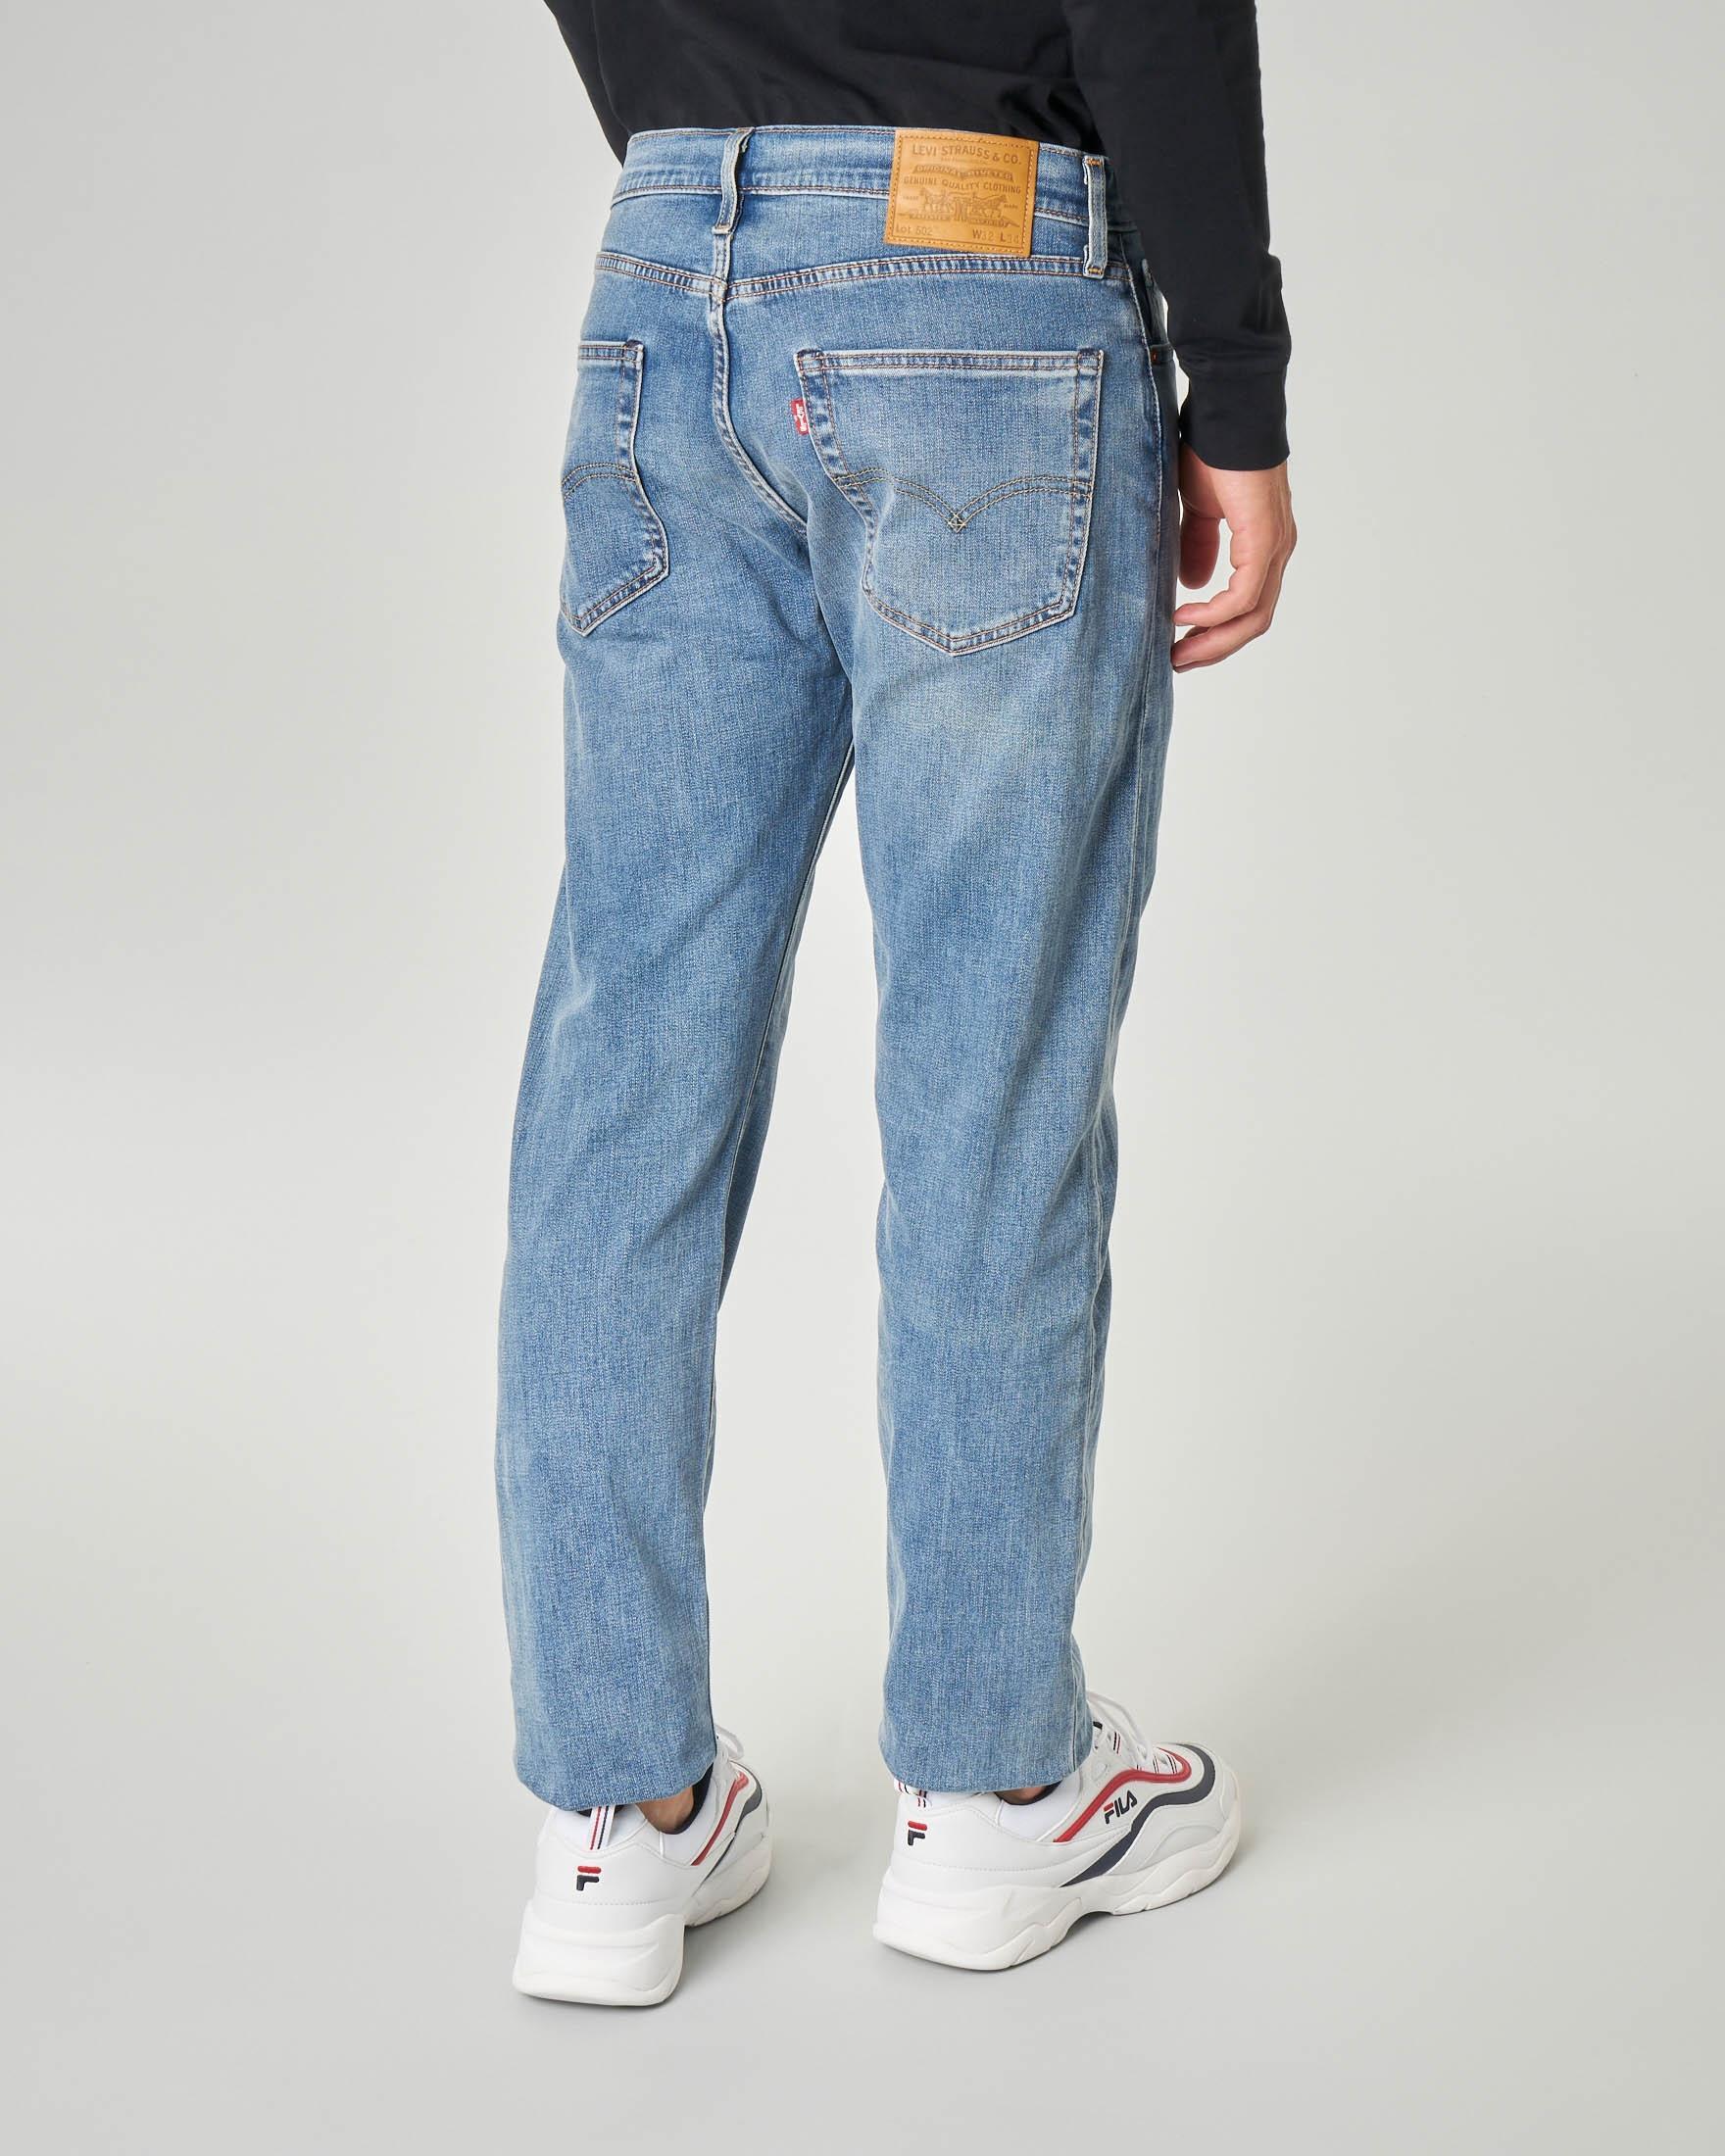 Jeans 502 lavaggio super stone wash